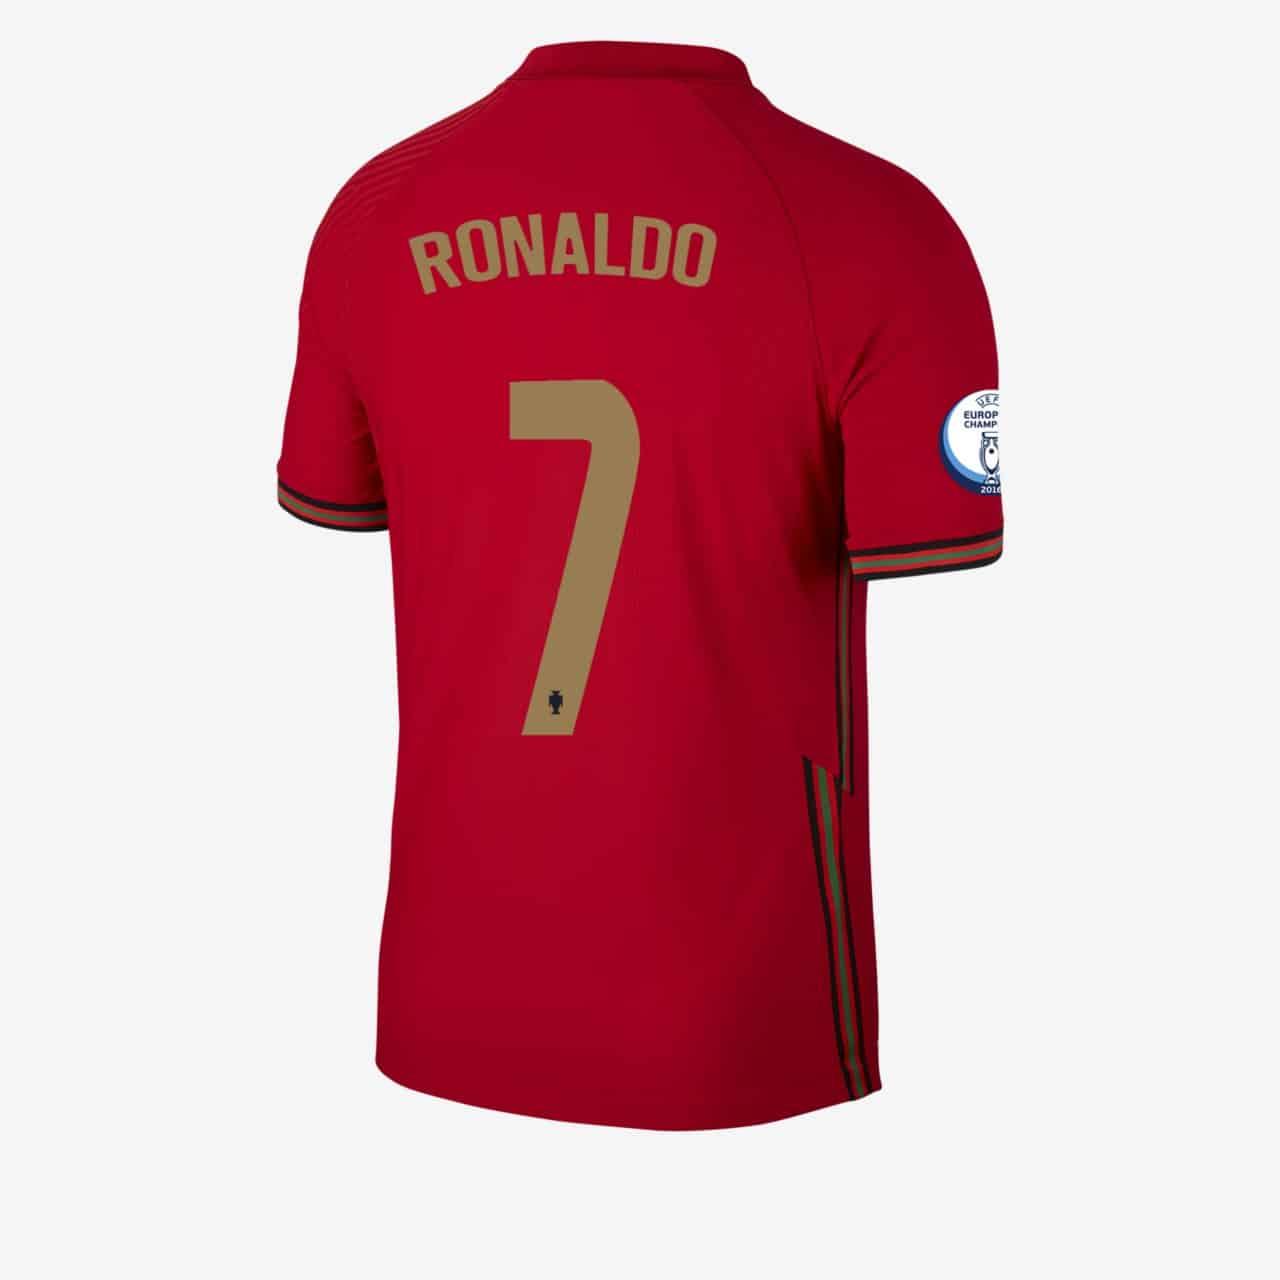 flocage-maillot-portugal-cristiano-ronaldo-7-cr7